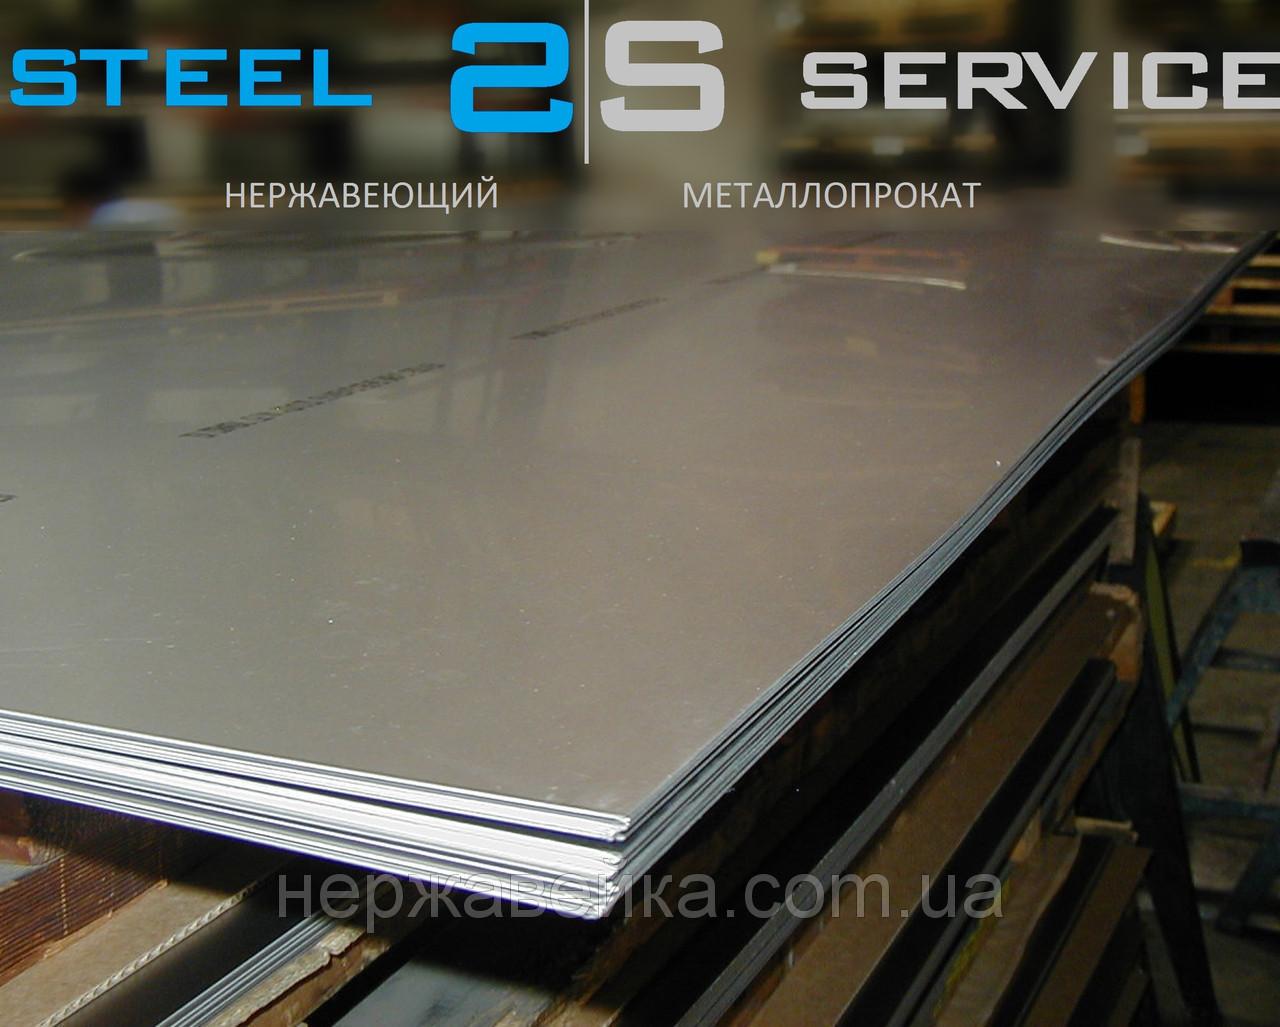 Нержавеющий лист  0,8х1250х2500мм AISI 430(12Х17) 2B DECO, декоративный в пленке, лен